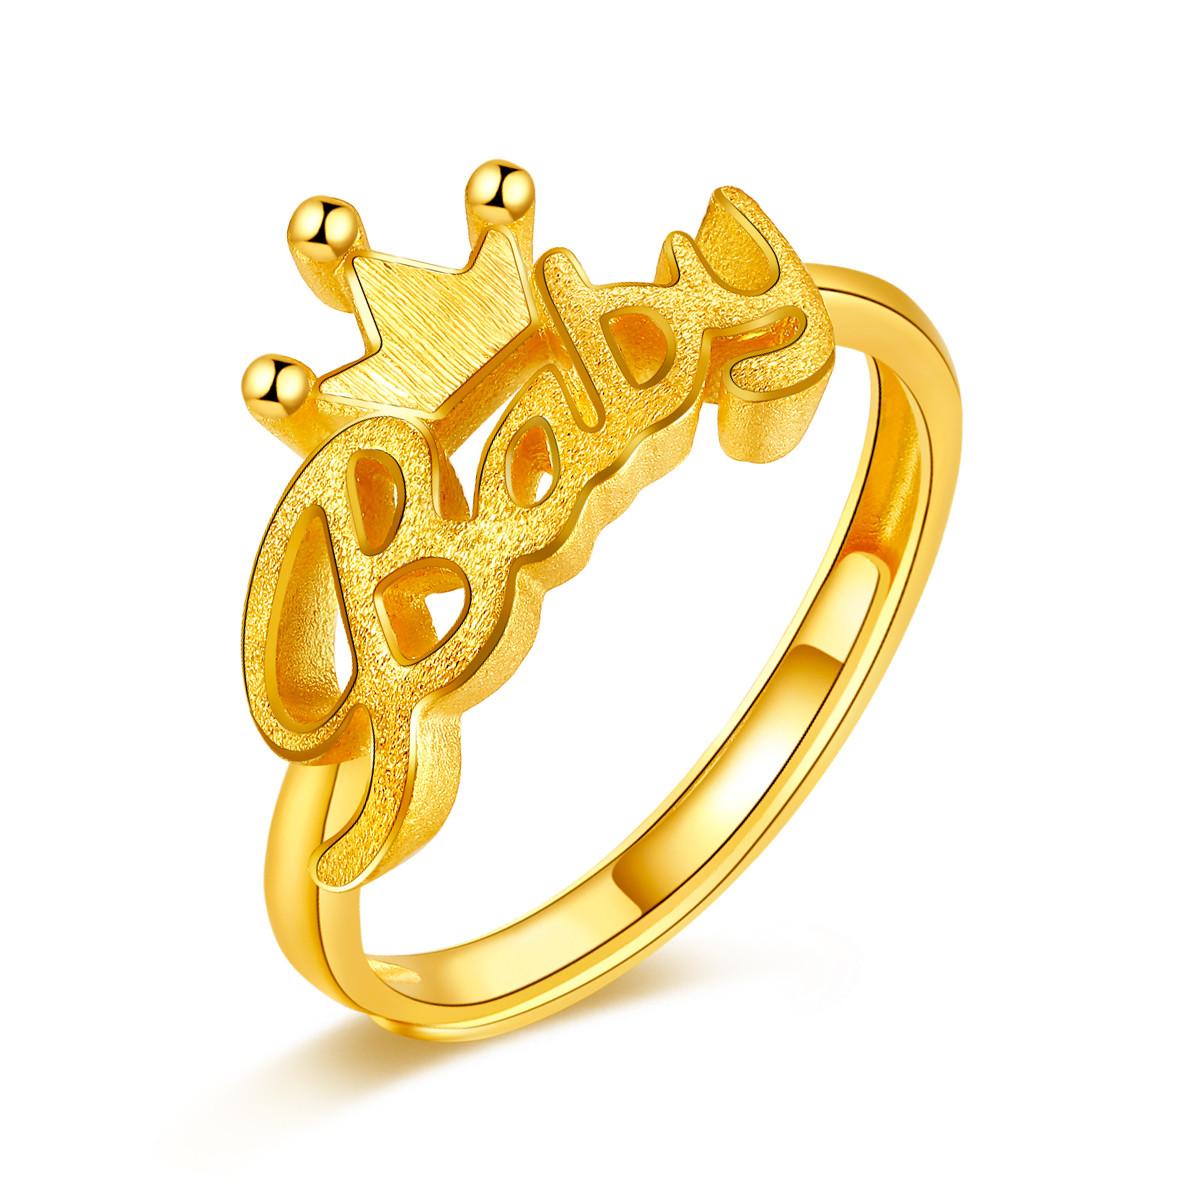 金至尊金至尊 足金皇冠Baby黄金戒指 计价DFJZ0133QJ